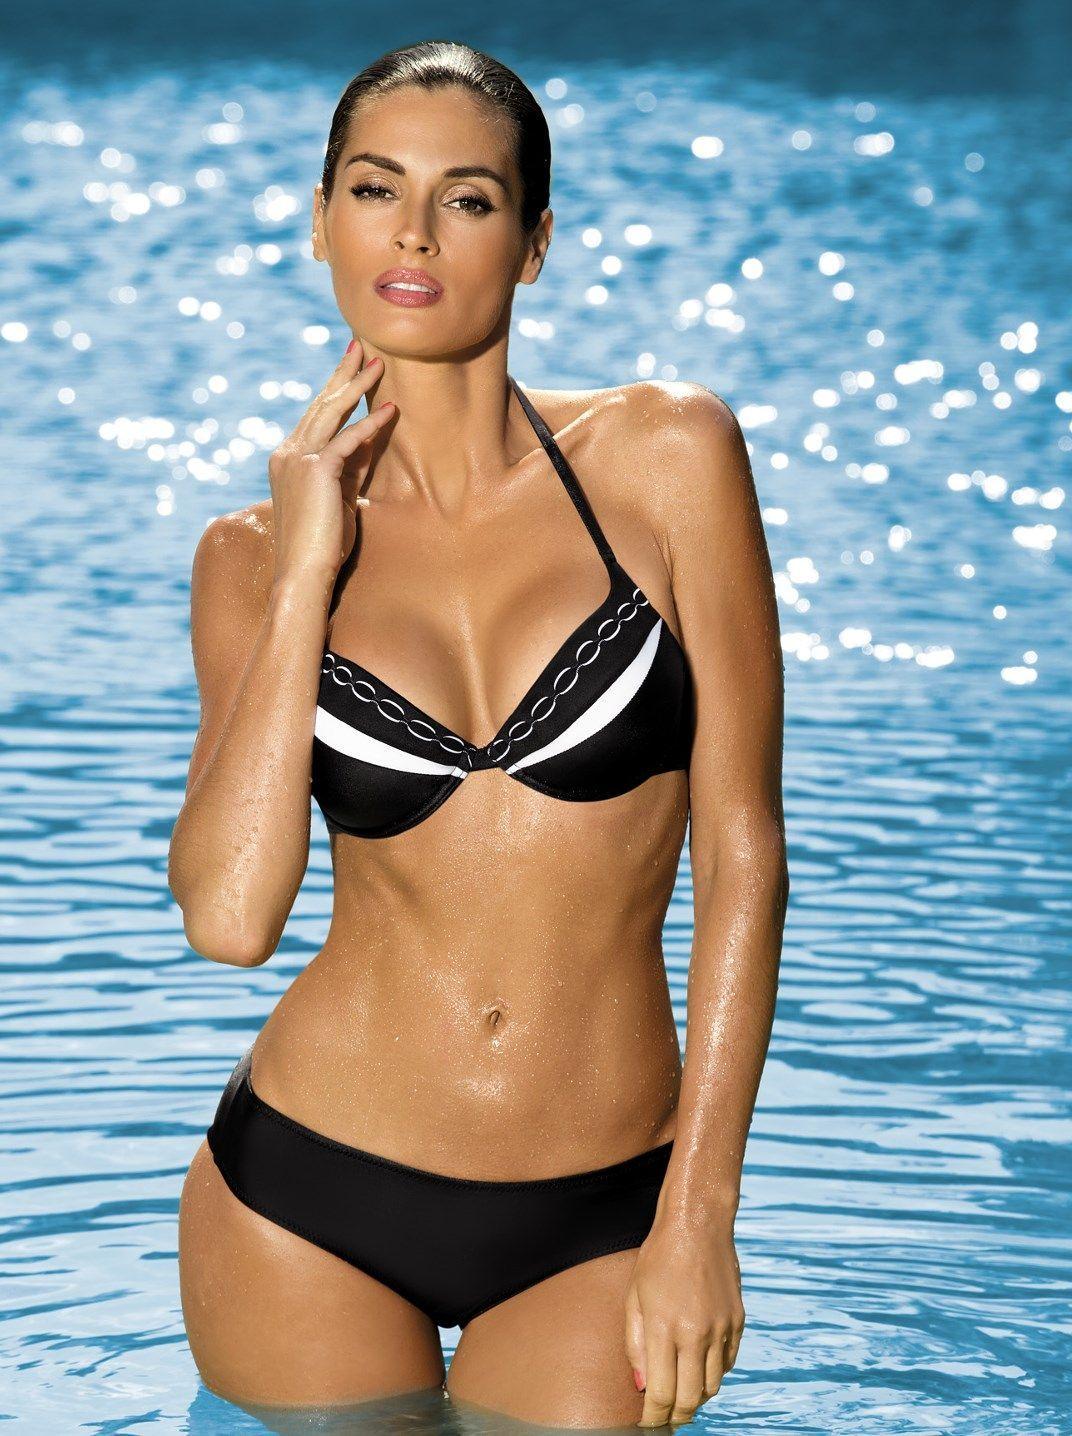 Cheeto reccomend Cecilia bikini model